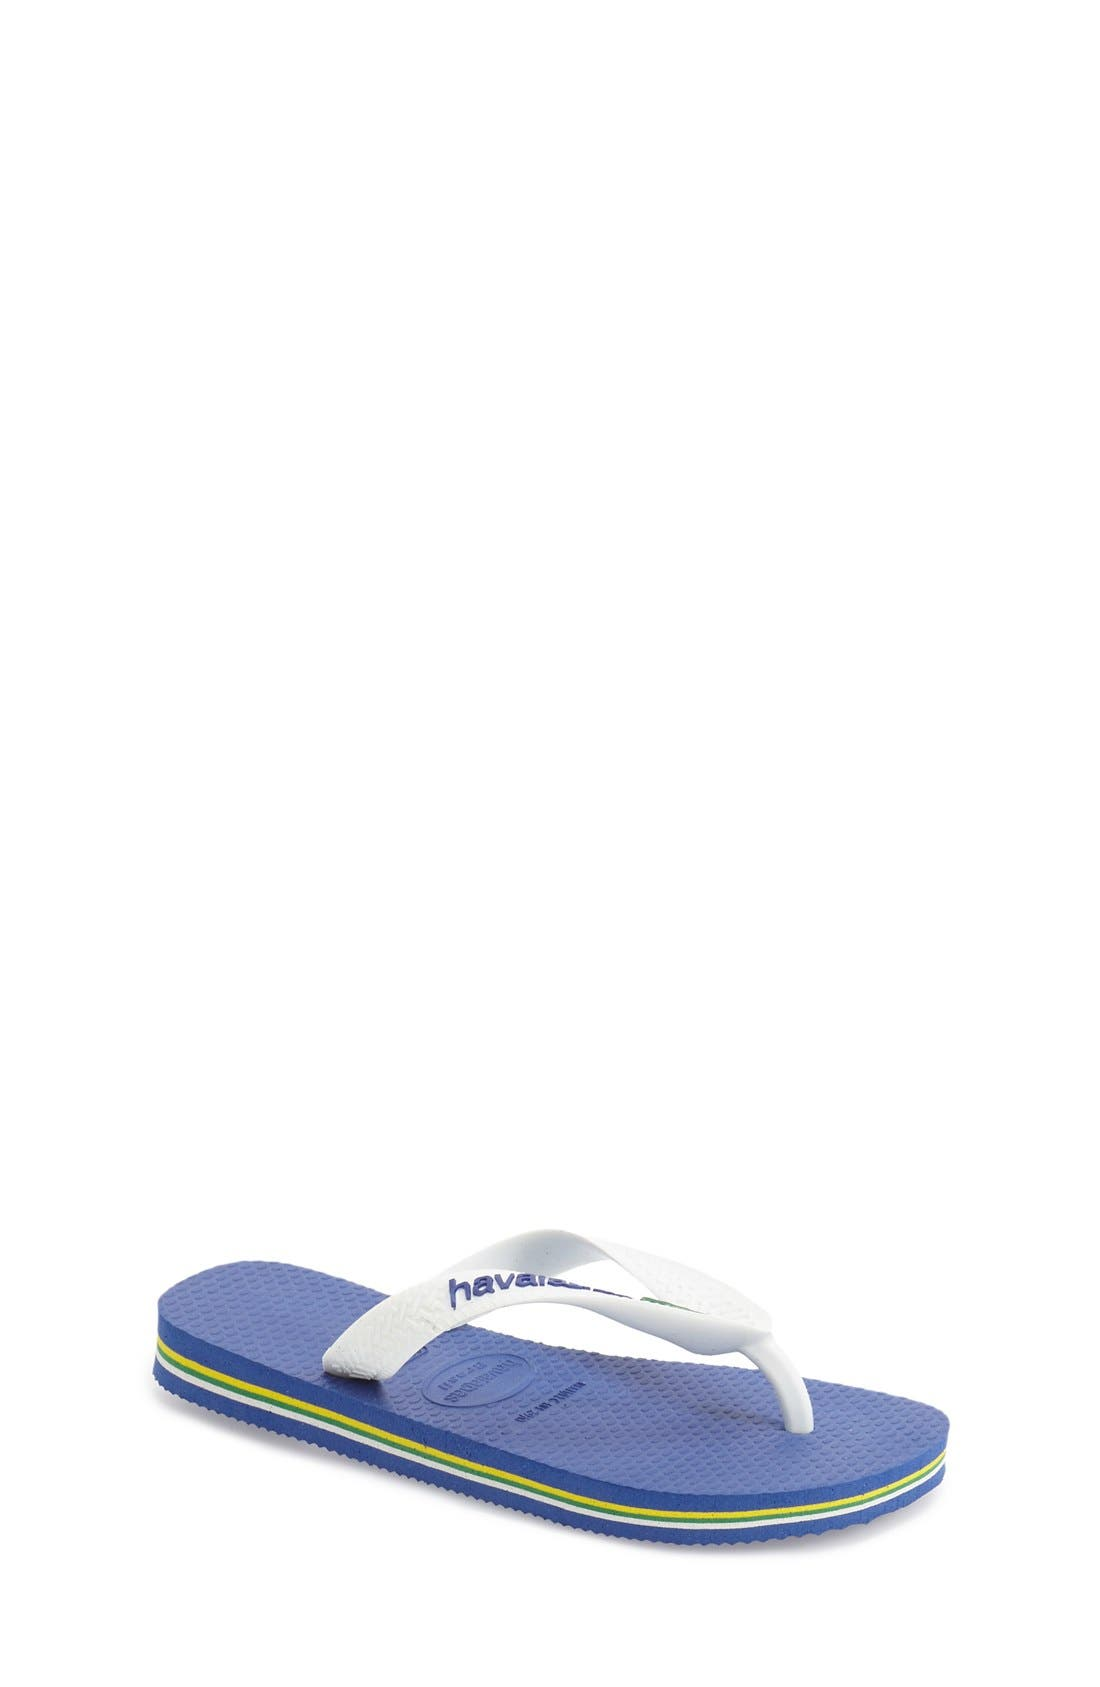 HAVAIANAS 'Brazil Logo' Flip Flop, Main, color, BLUE